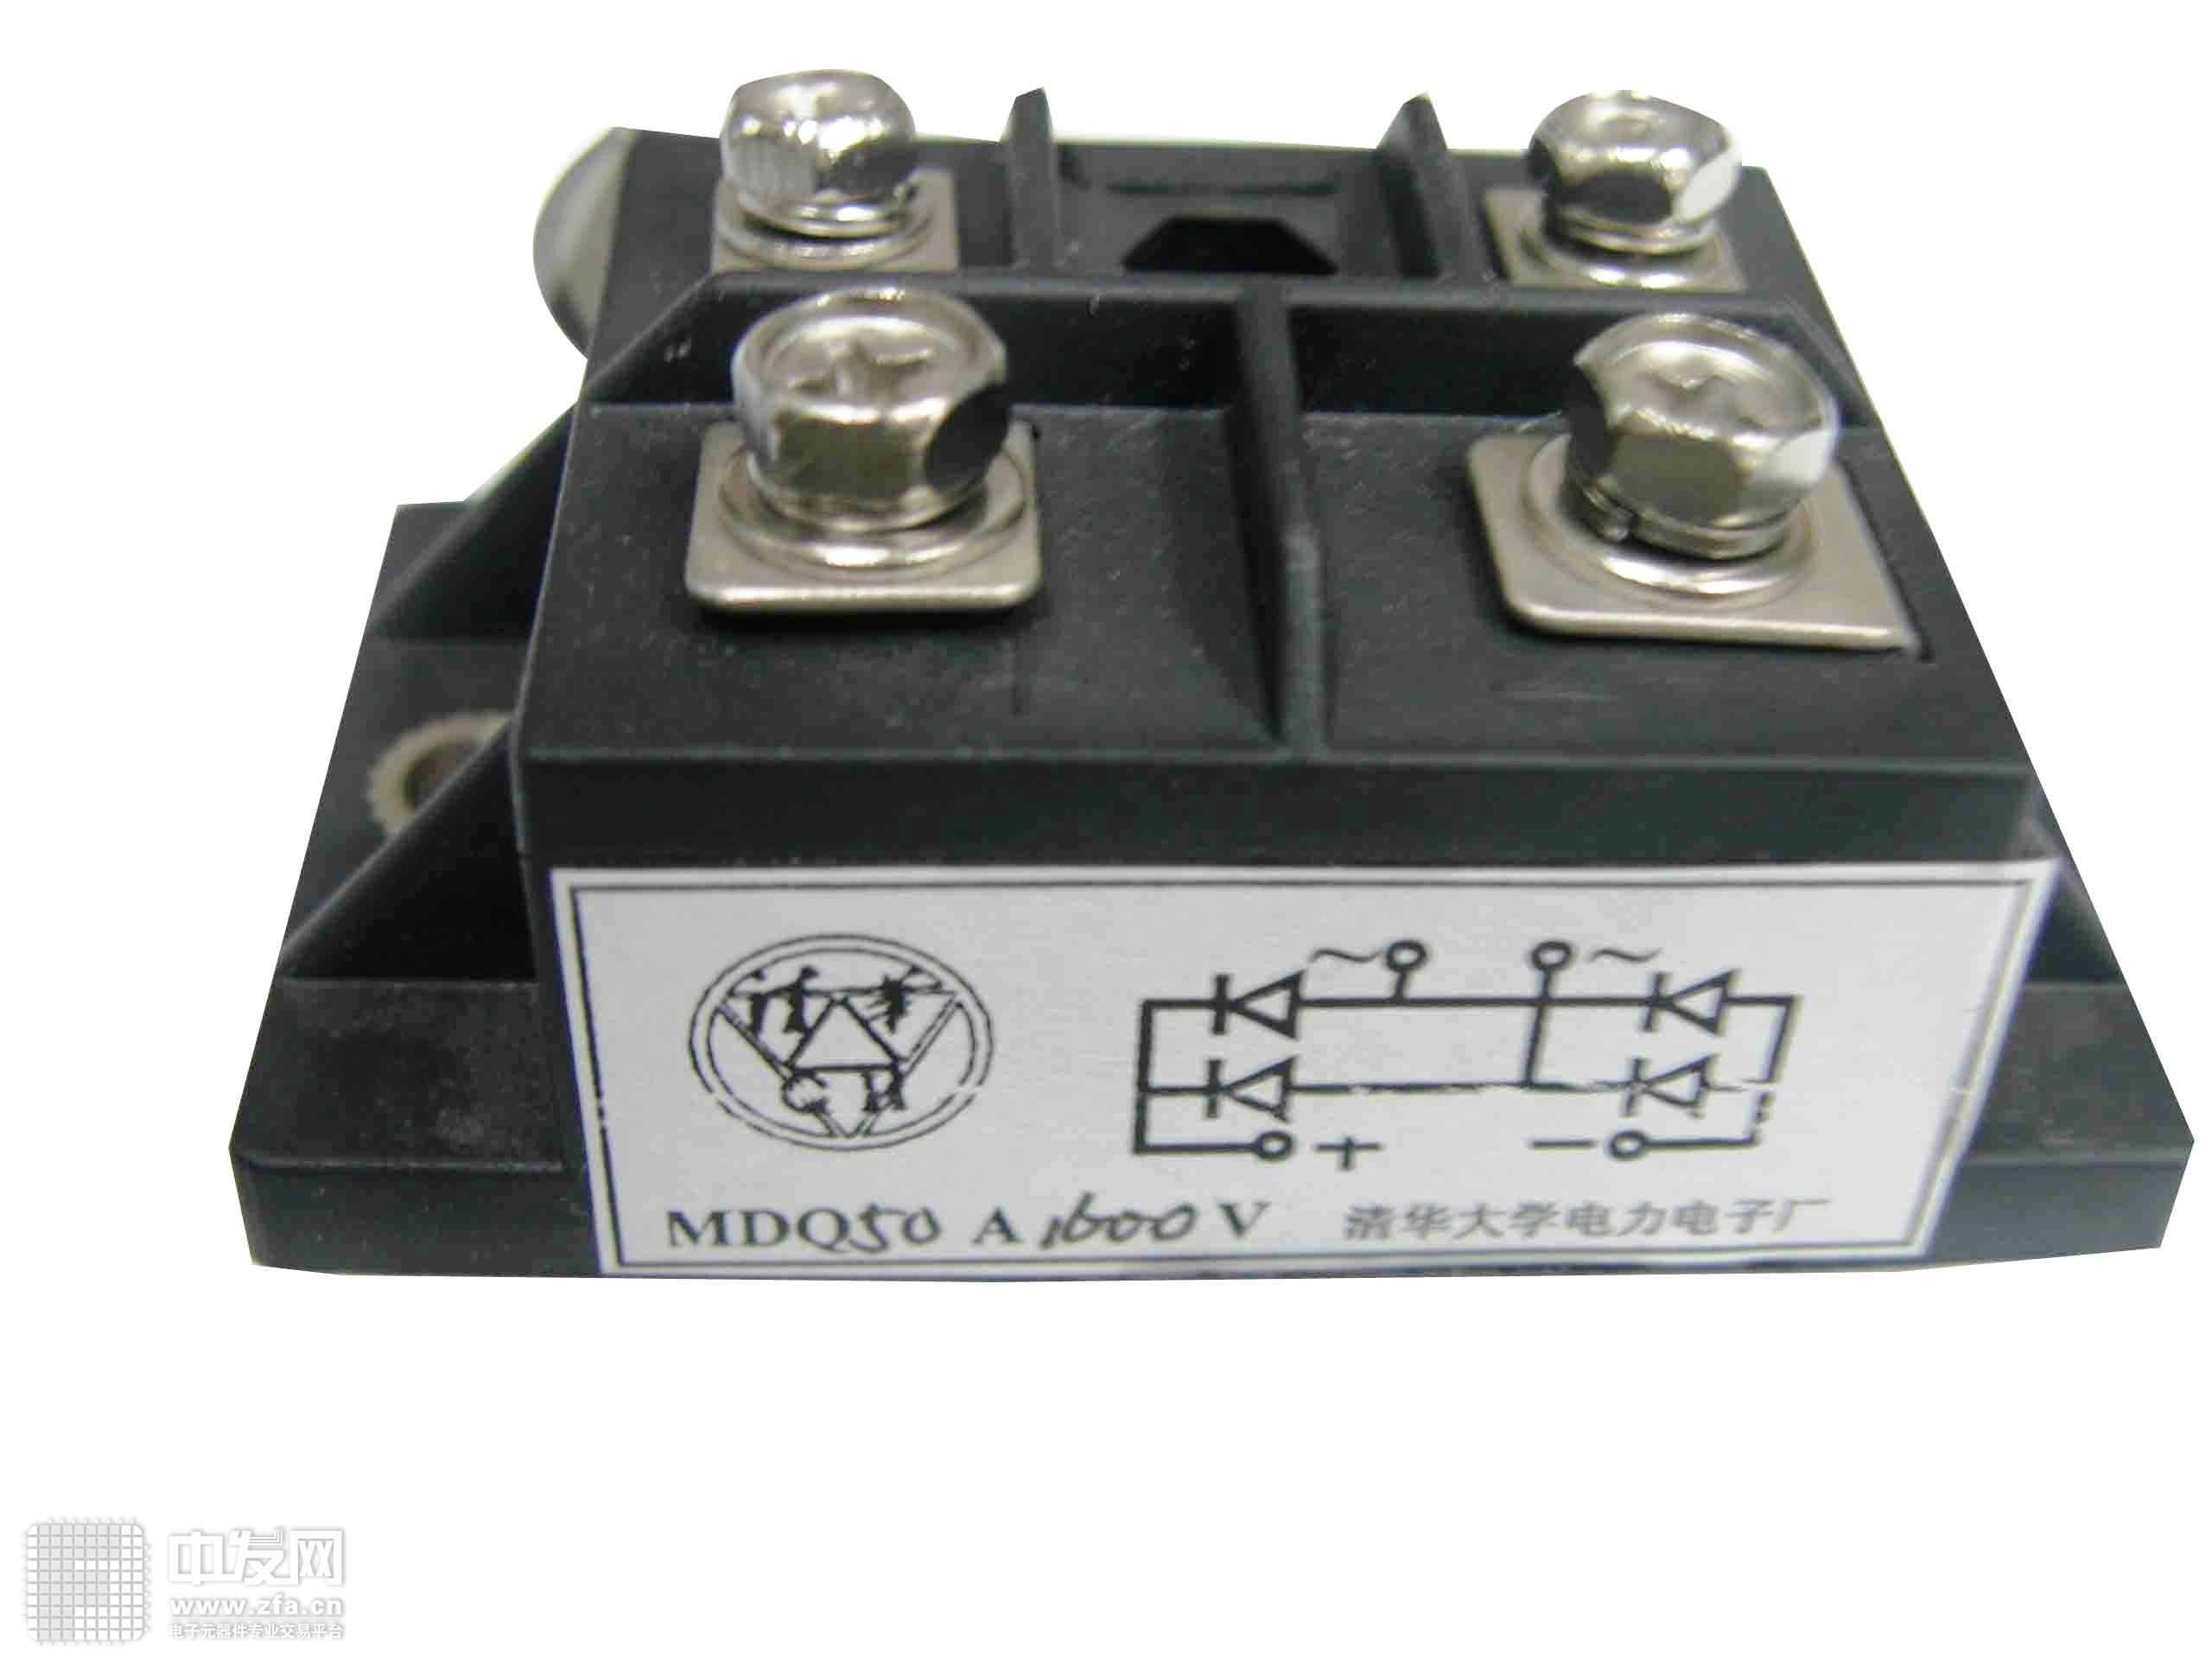 单相整流桥模块 MDQ50A1600V 清华